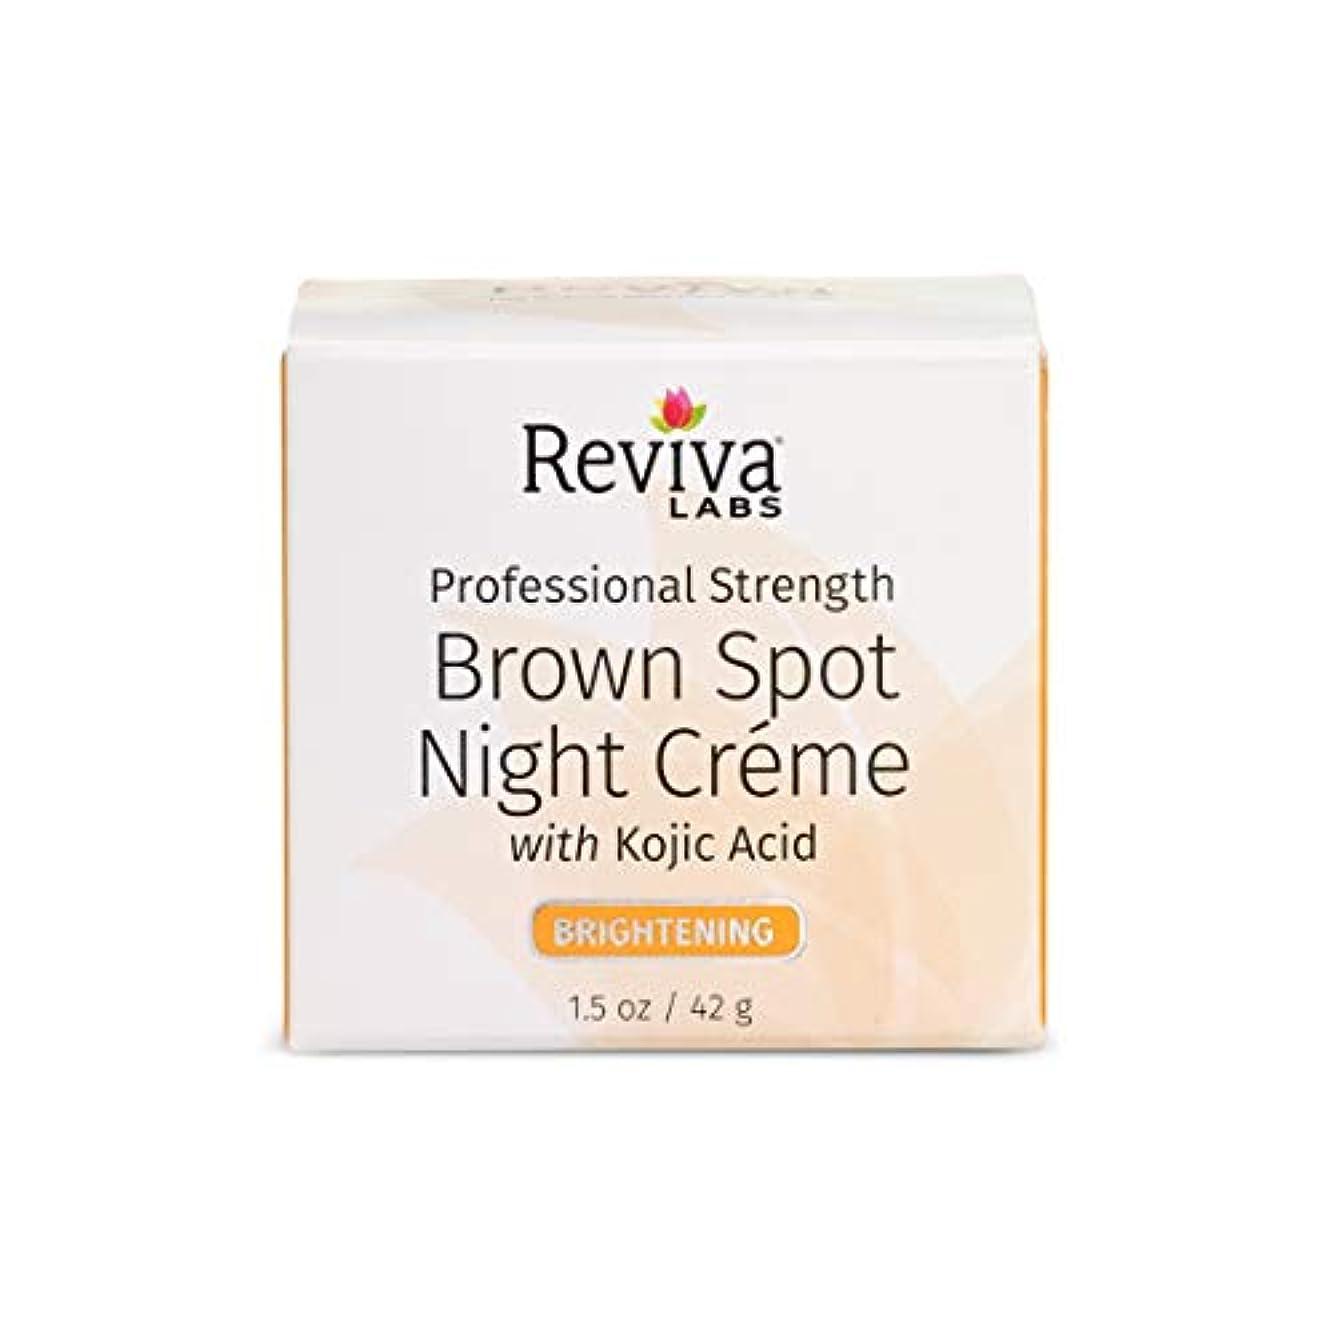 バックグラウンド首謀者一致する海外直送品 Reviva Brown Spot Night Cream, with Kojic Acid EA 1/1 OZ